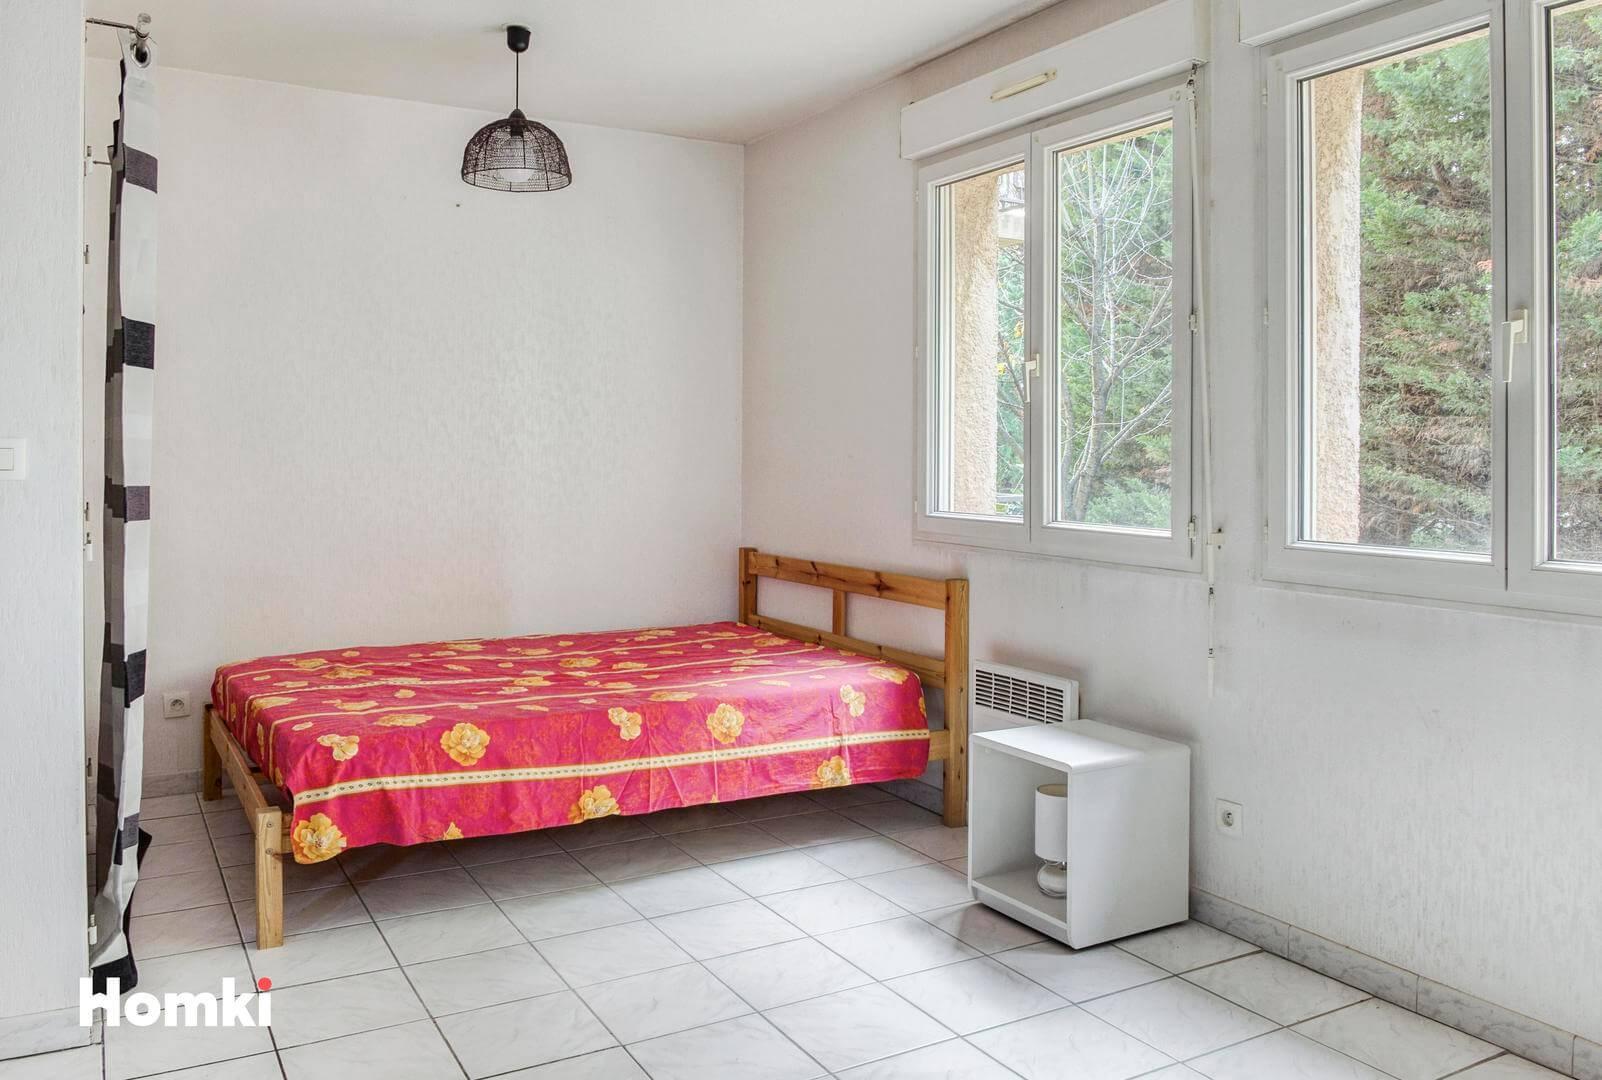 Homki - Vente Appartement  de 34.0 m² à Toulouse 31400